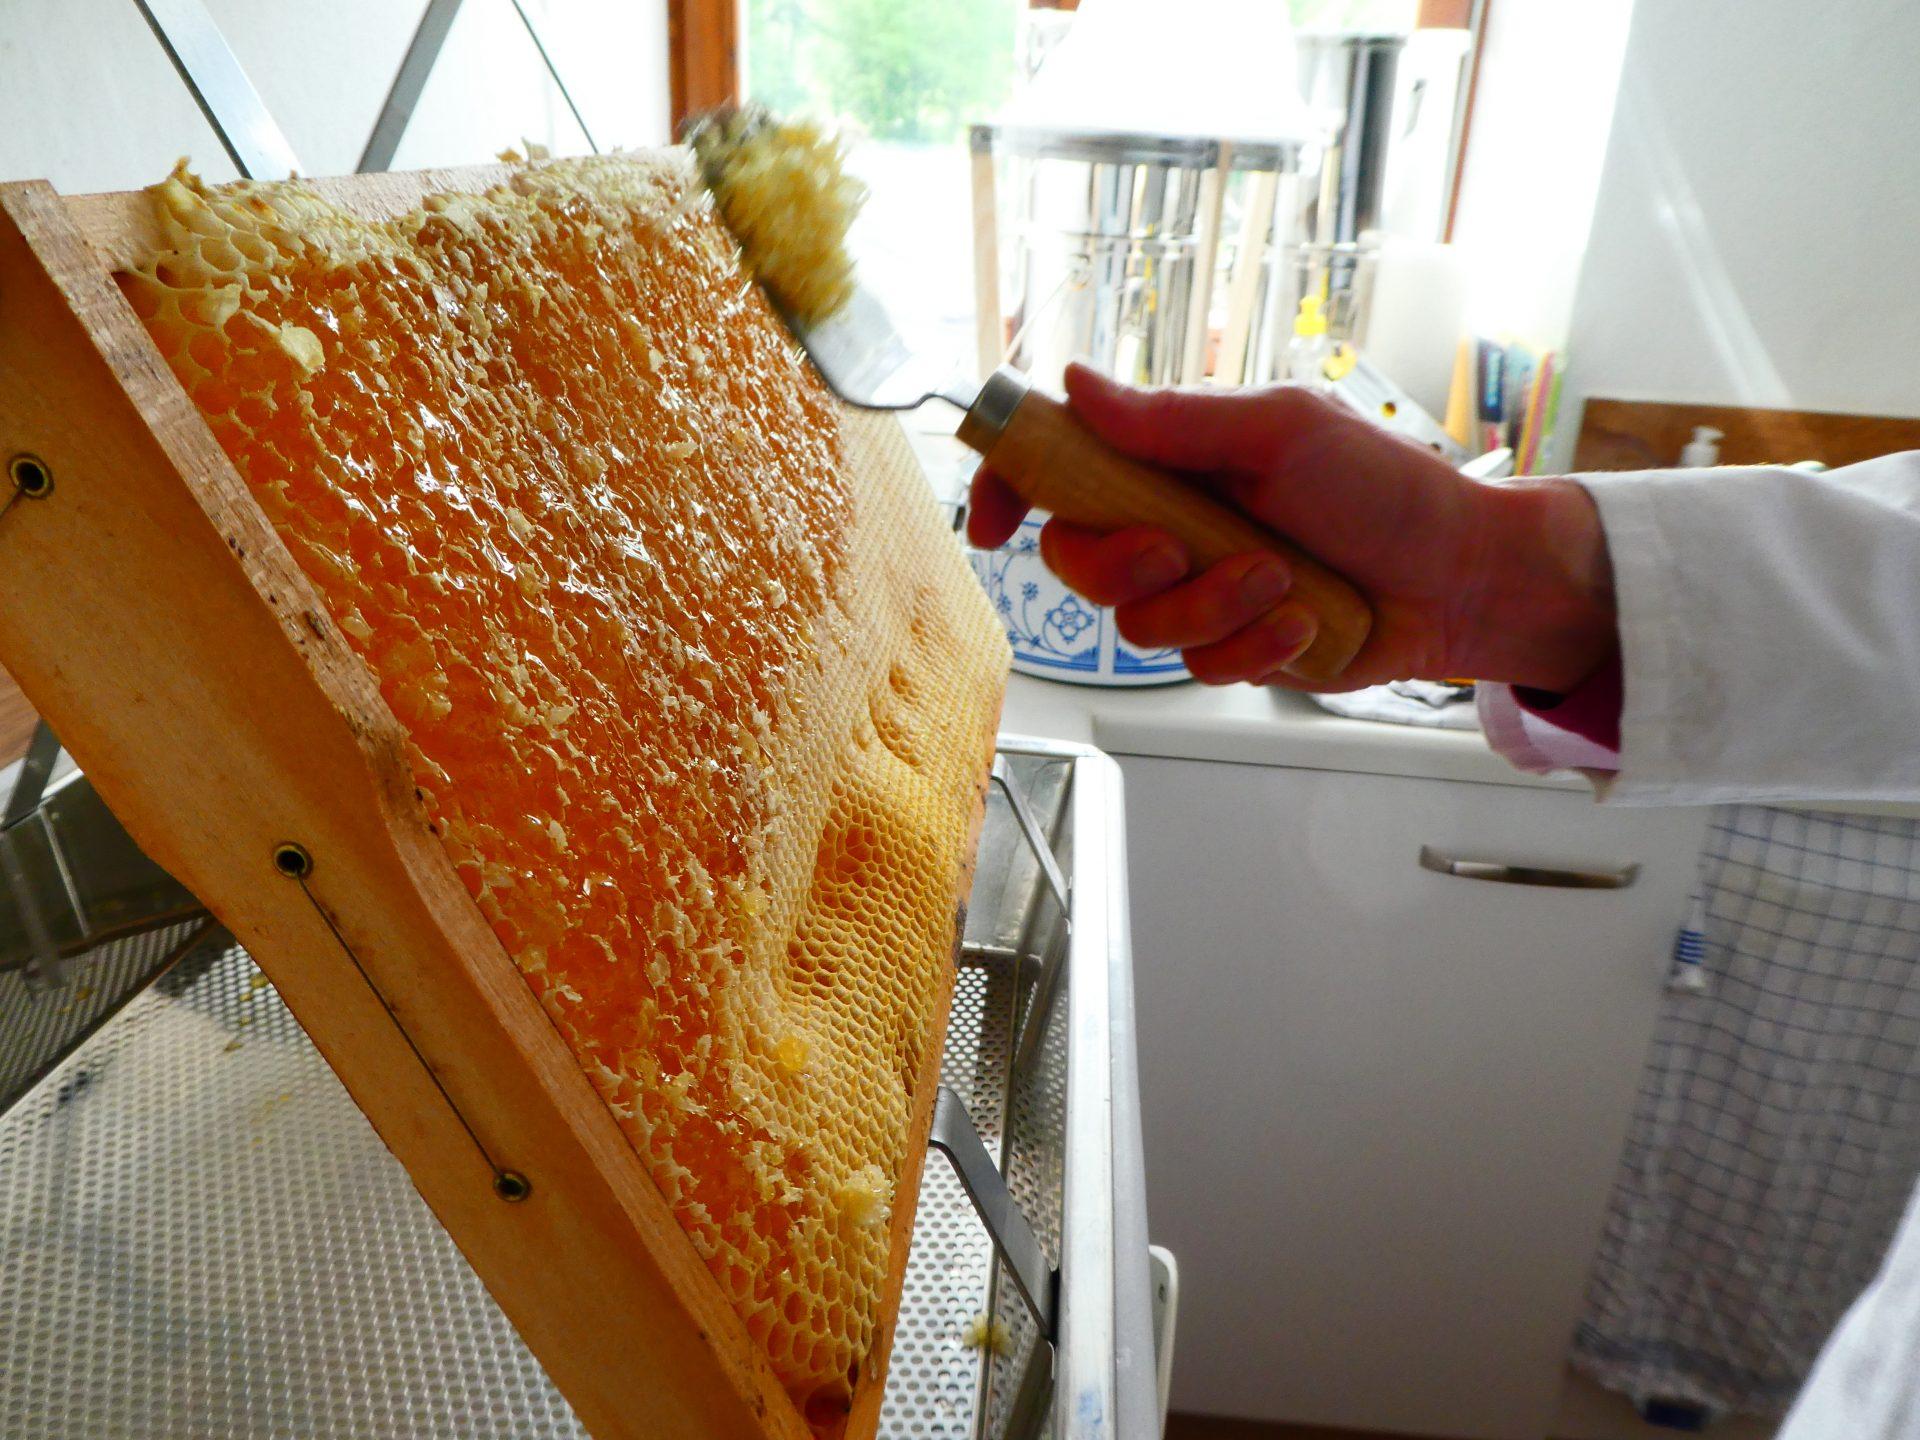 Honig schleudern: Entdeckelung